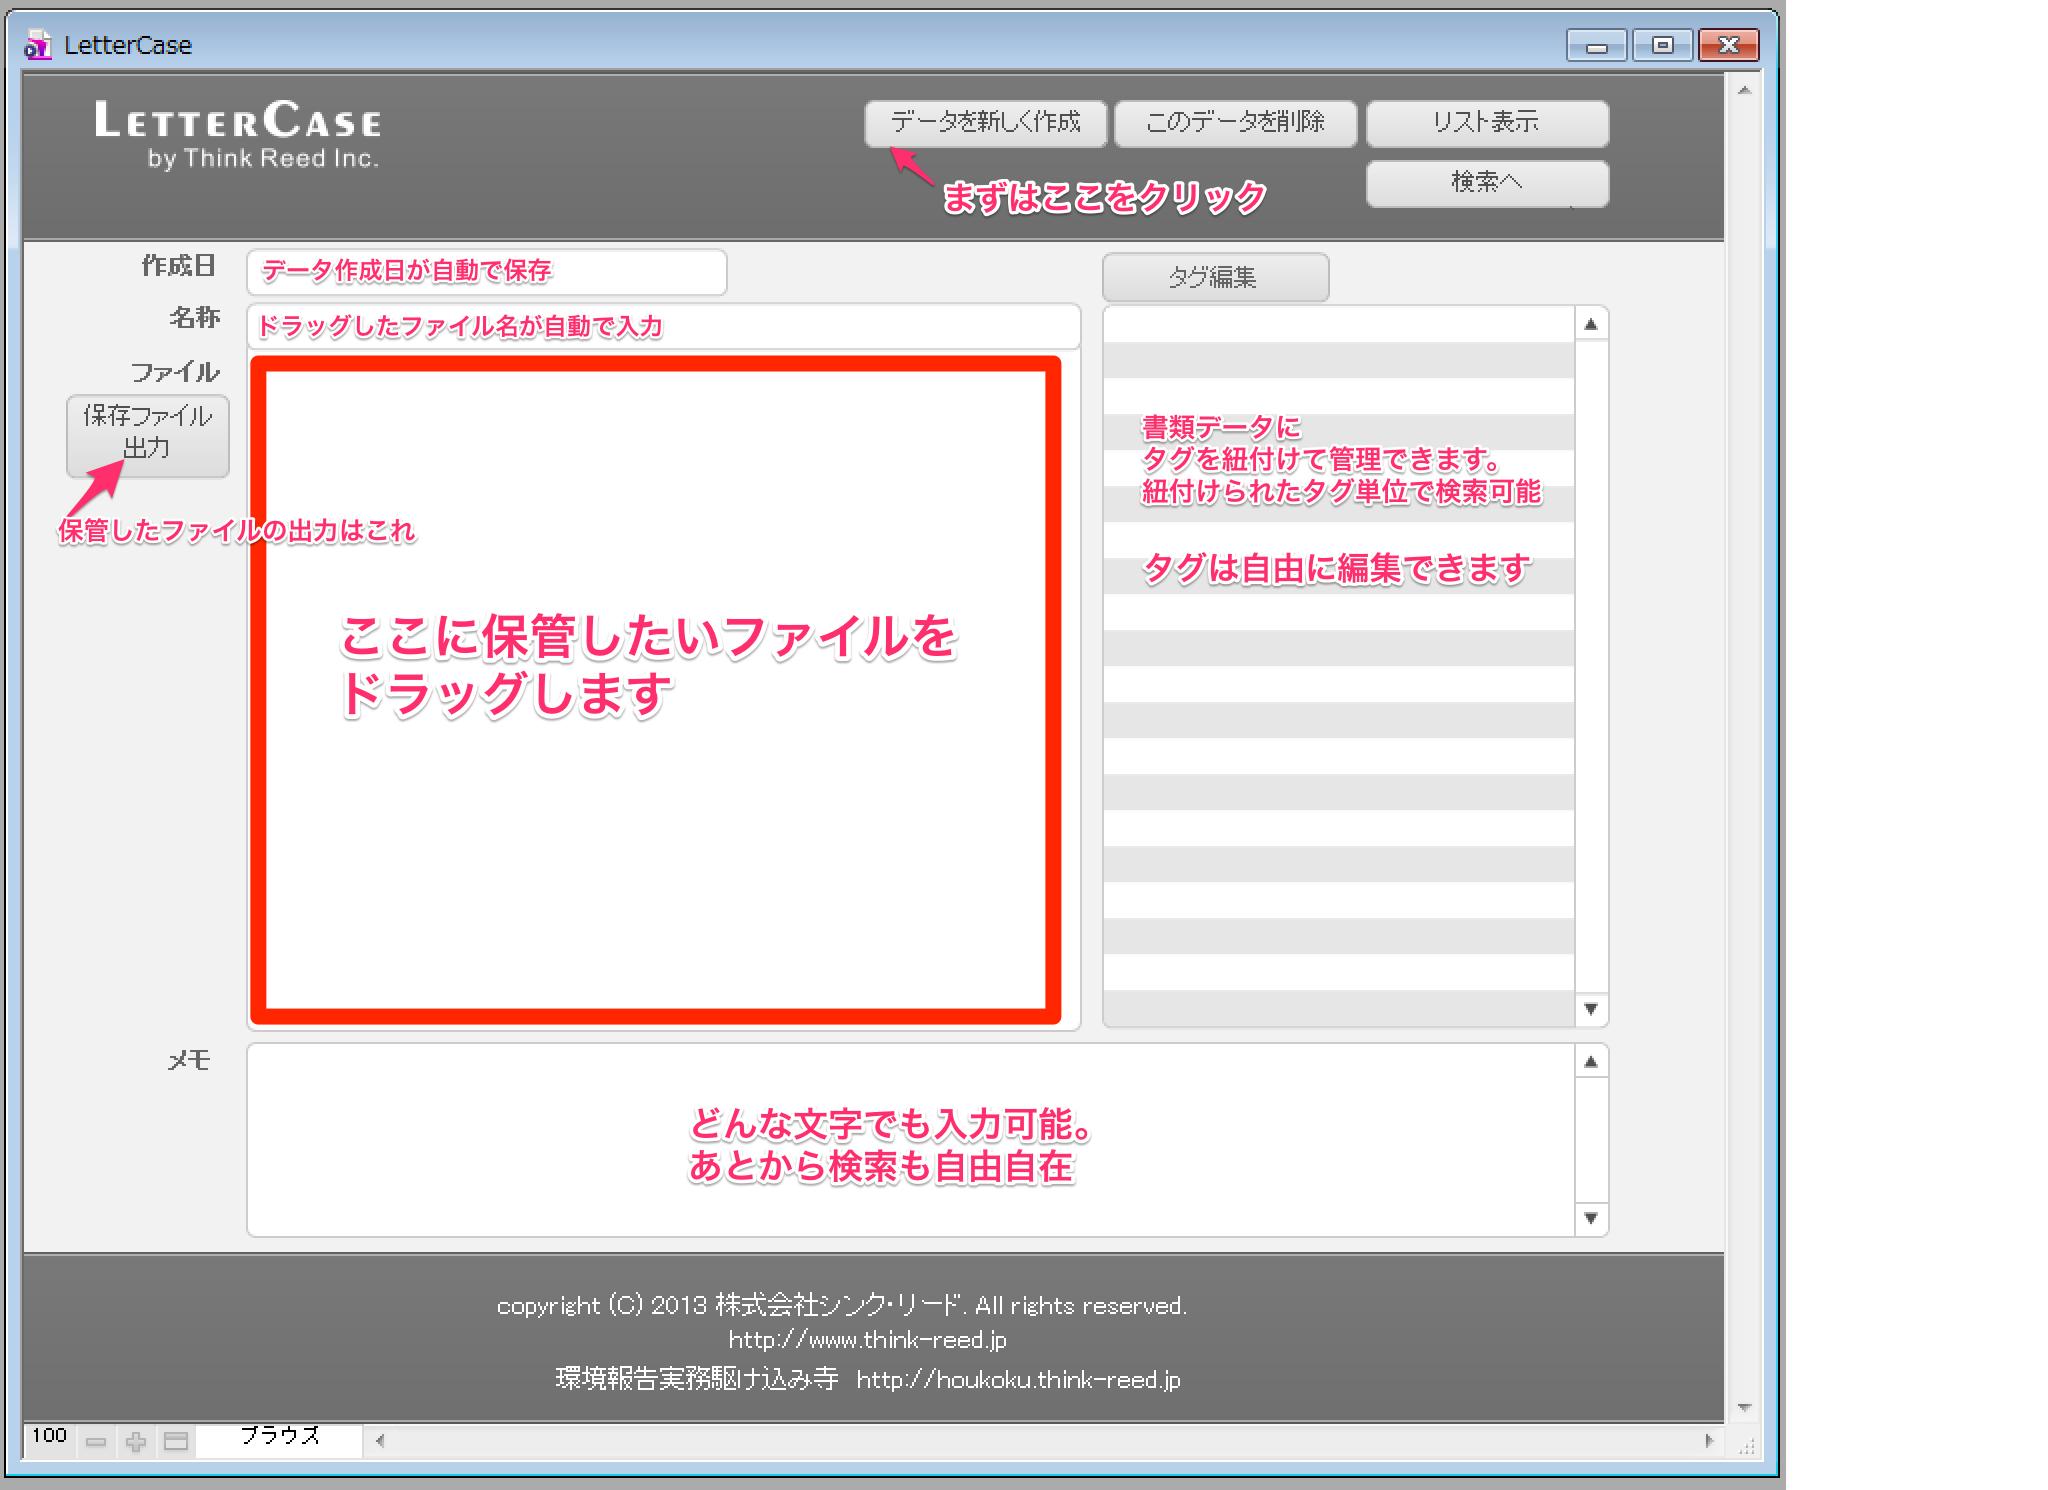 LetterCaseメインページ